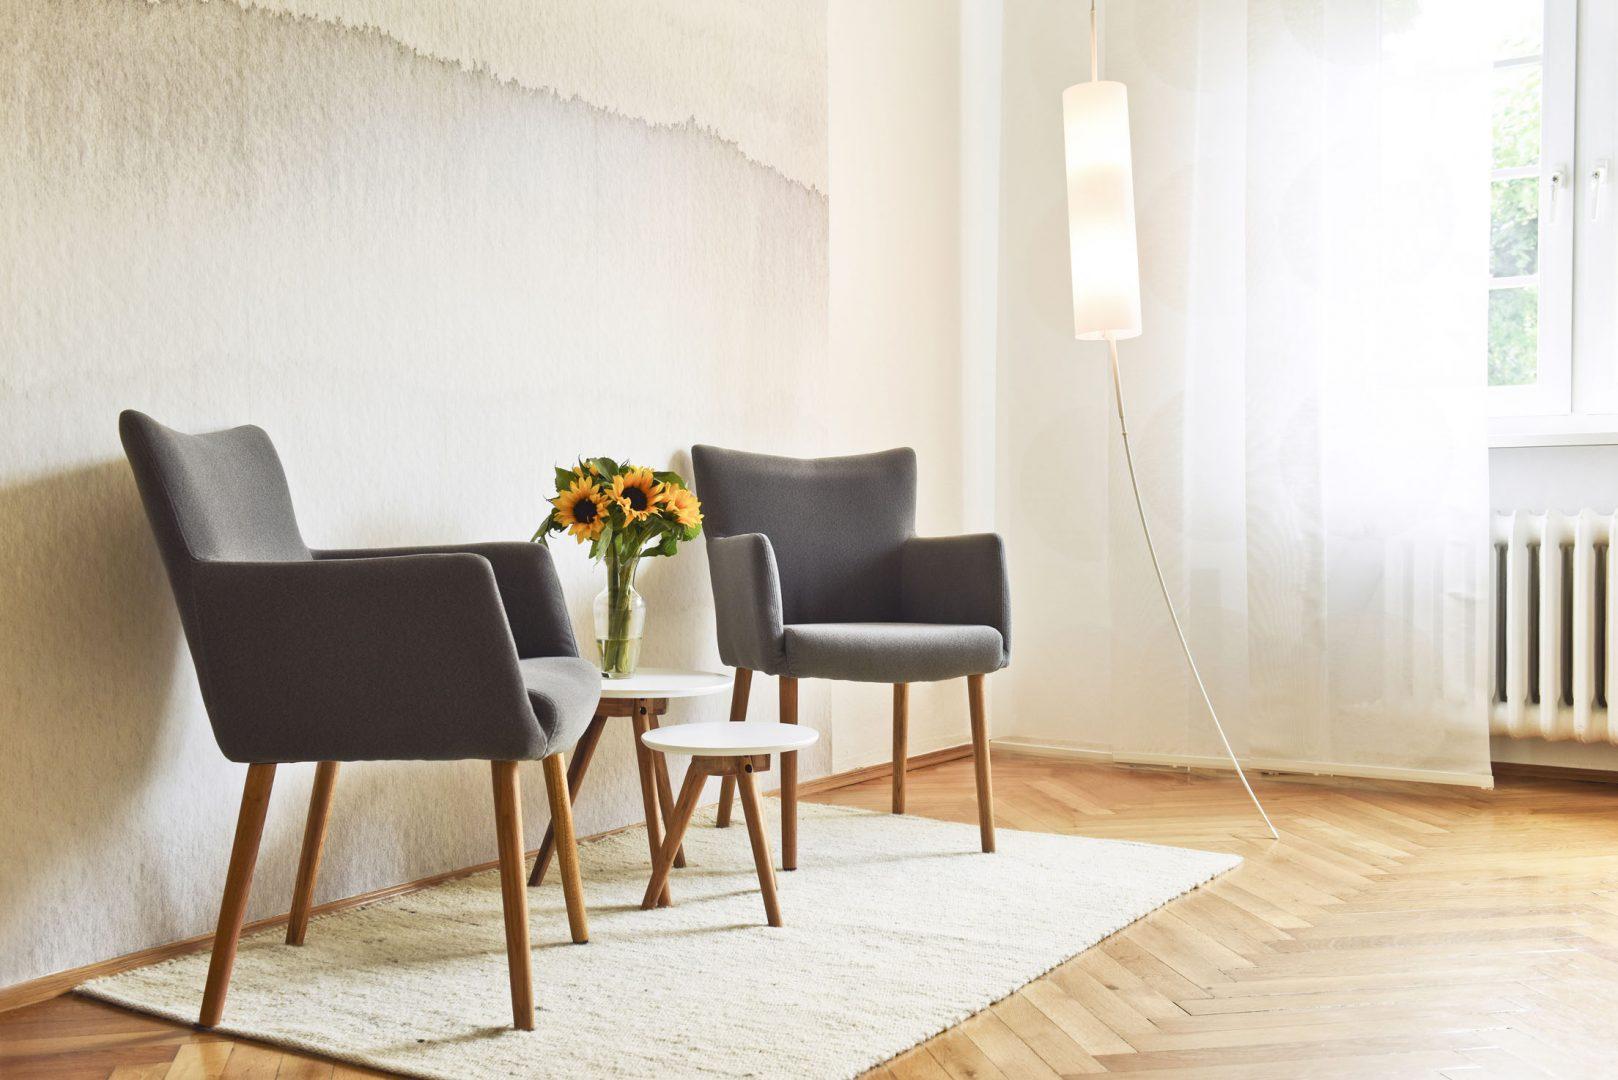 Gemütliche Sessel in der Praxis